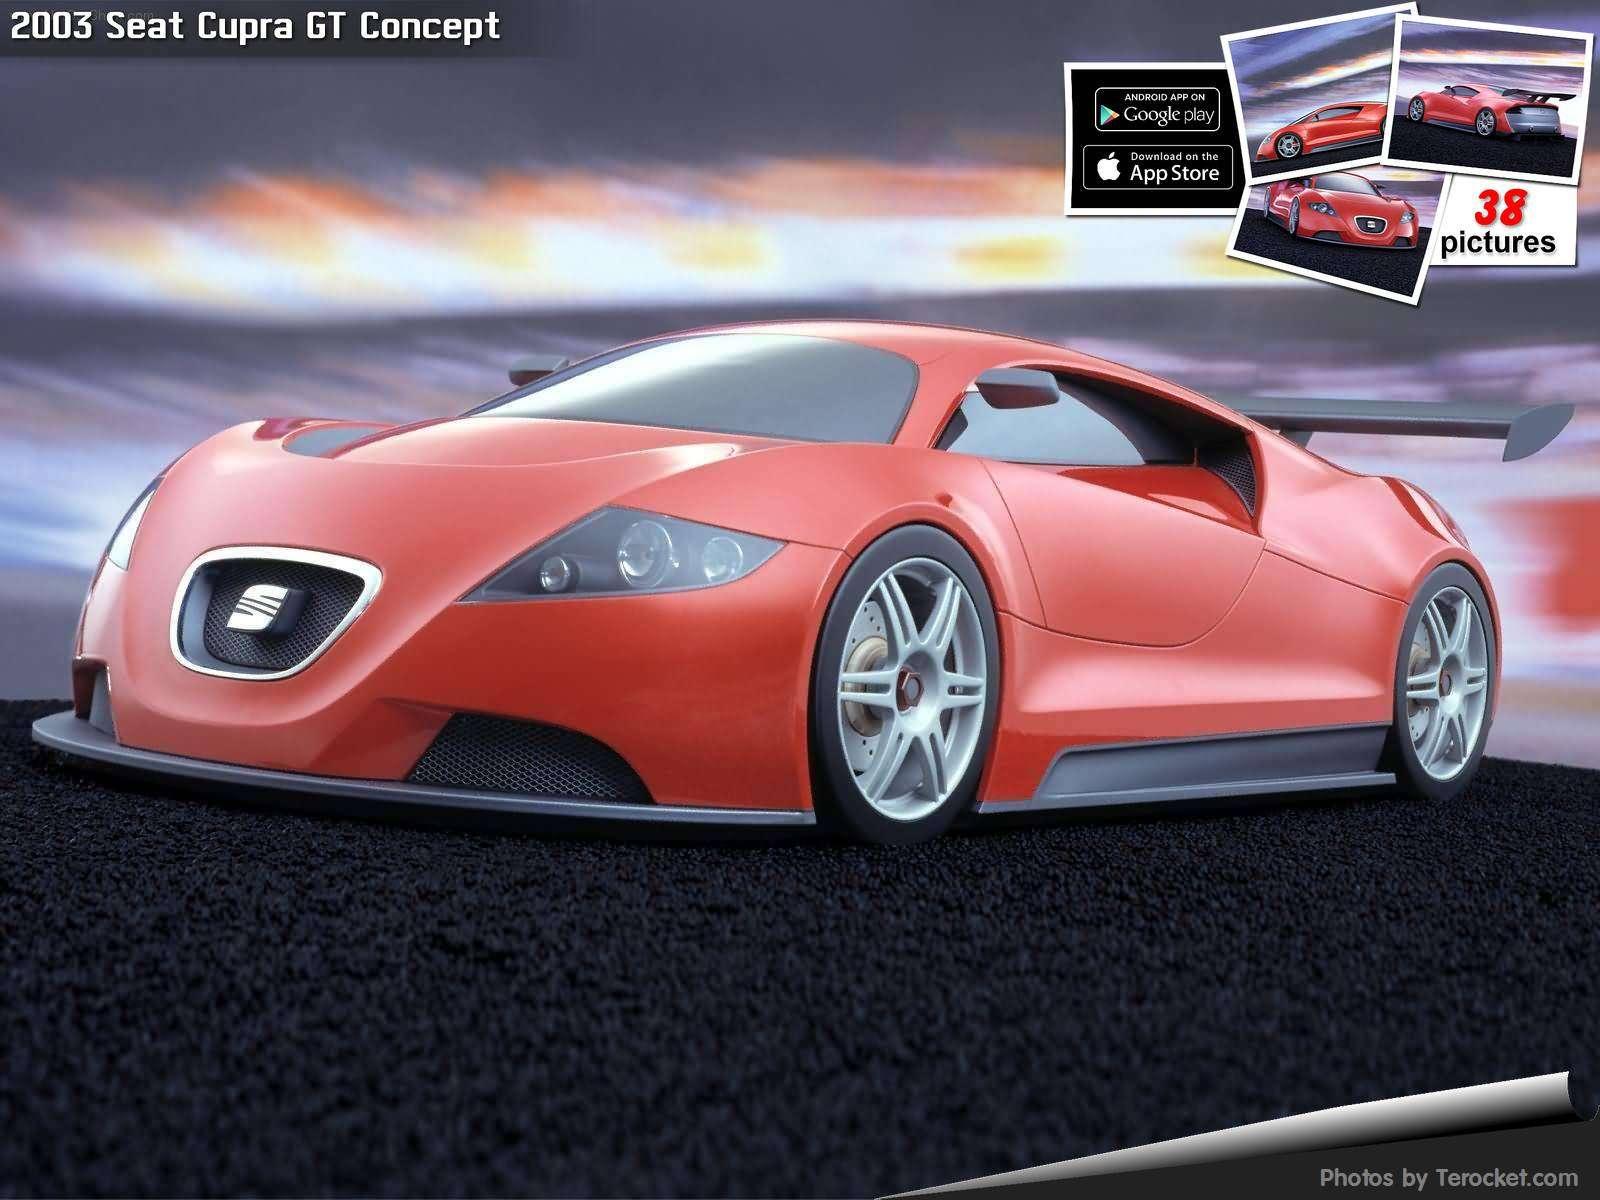 Hình ảnh xe ô tô Seat Cupra GT Concept 2003 & nội ngoại thất